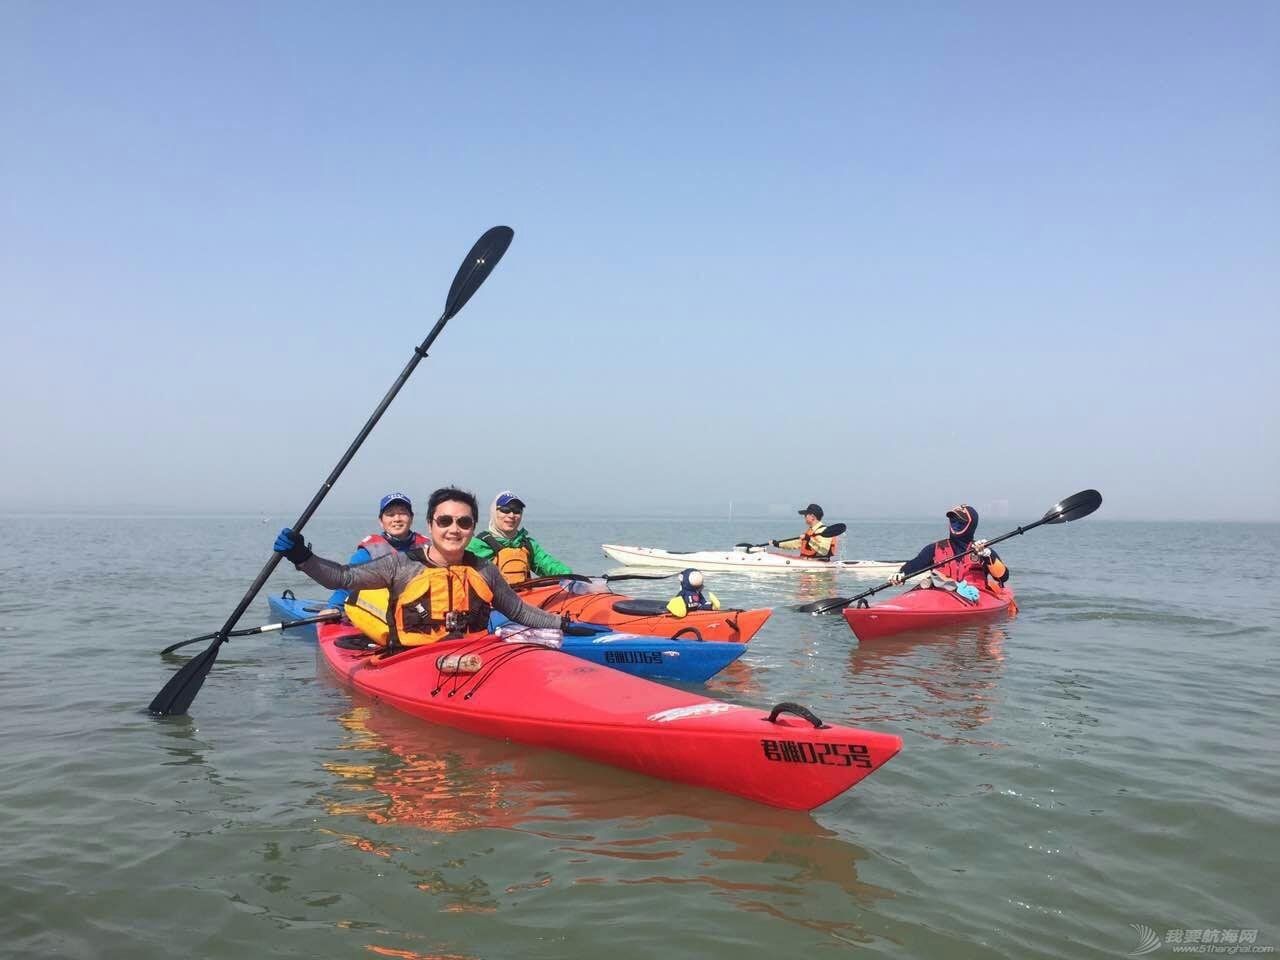 皮划艇,无锡,太湖 无锡君雅皮划艇22人同时穿越太湖贡湖湾 mmexport1456571677337.jpg